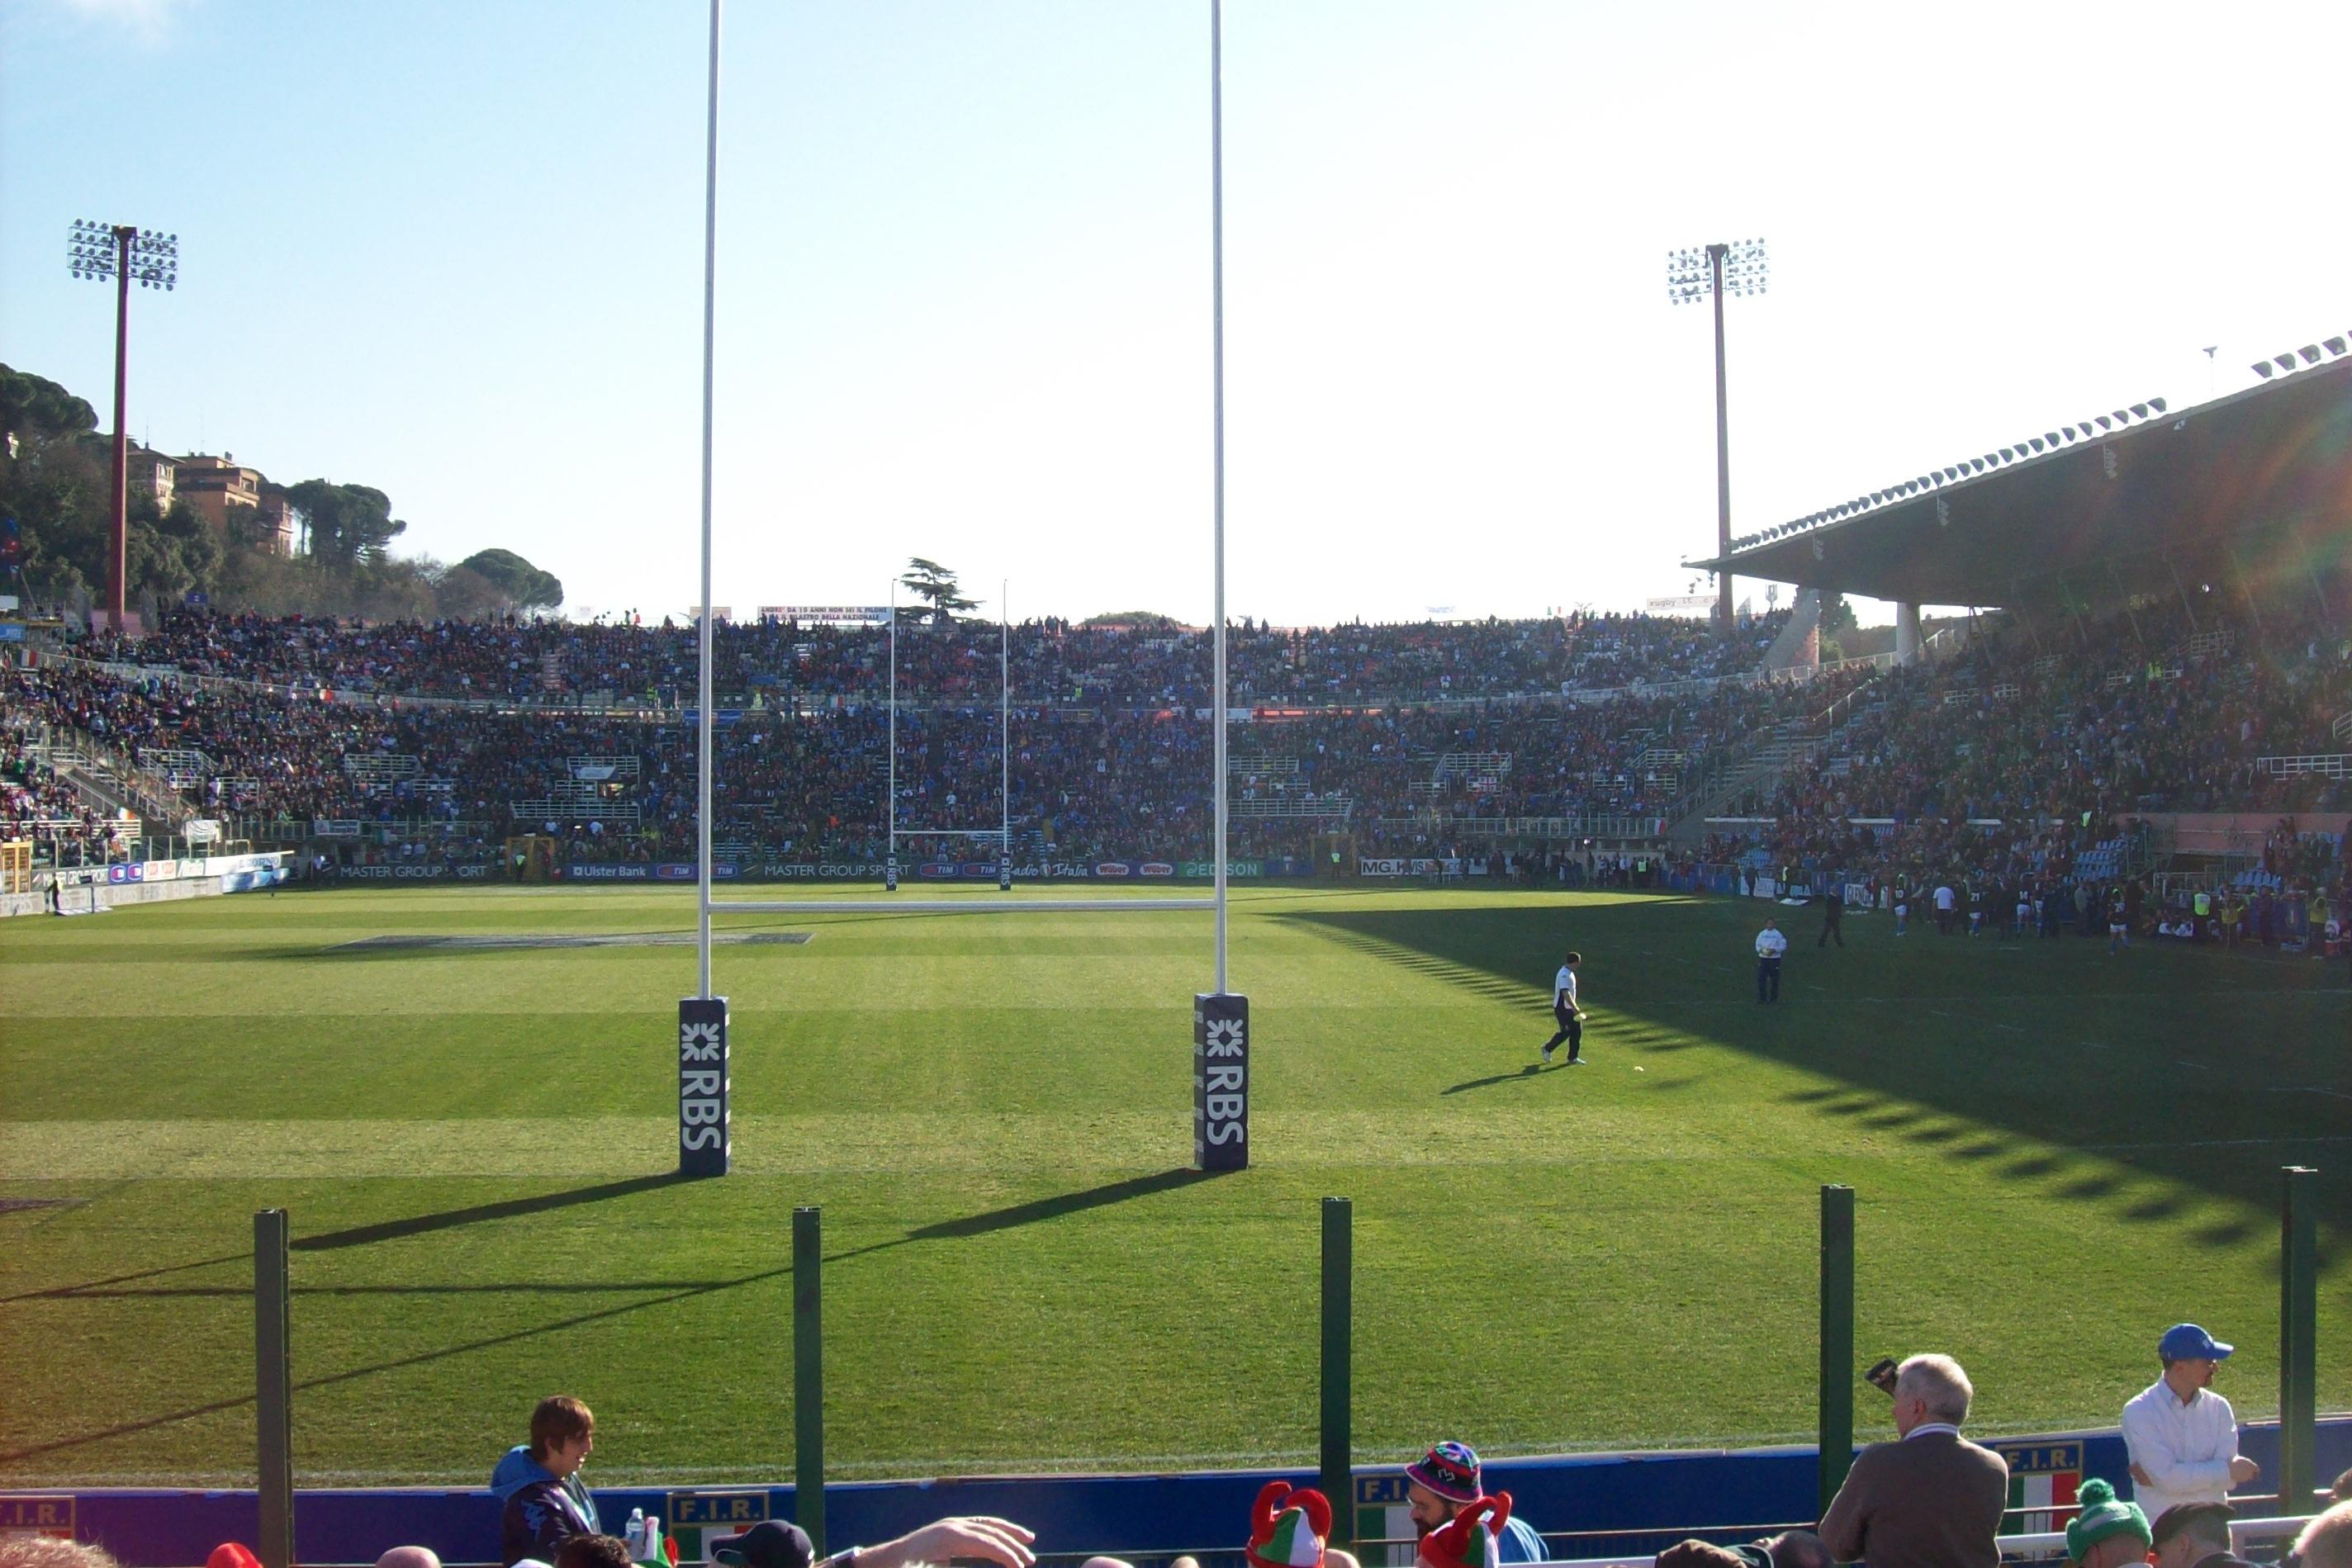 Stadio flaminio wikipedia